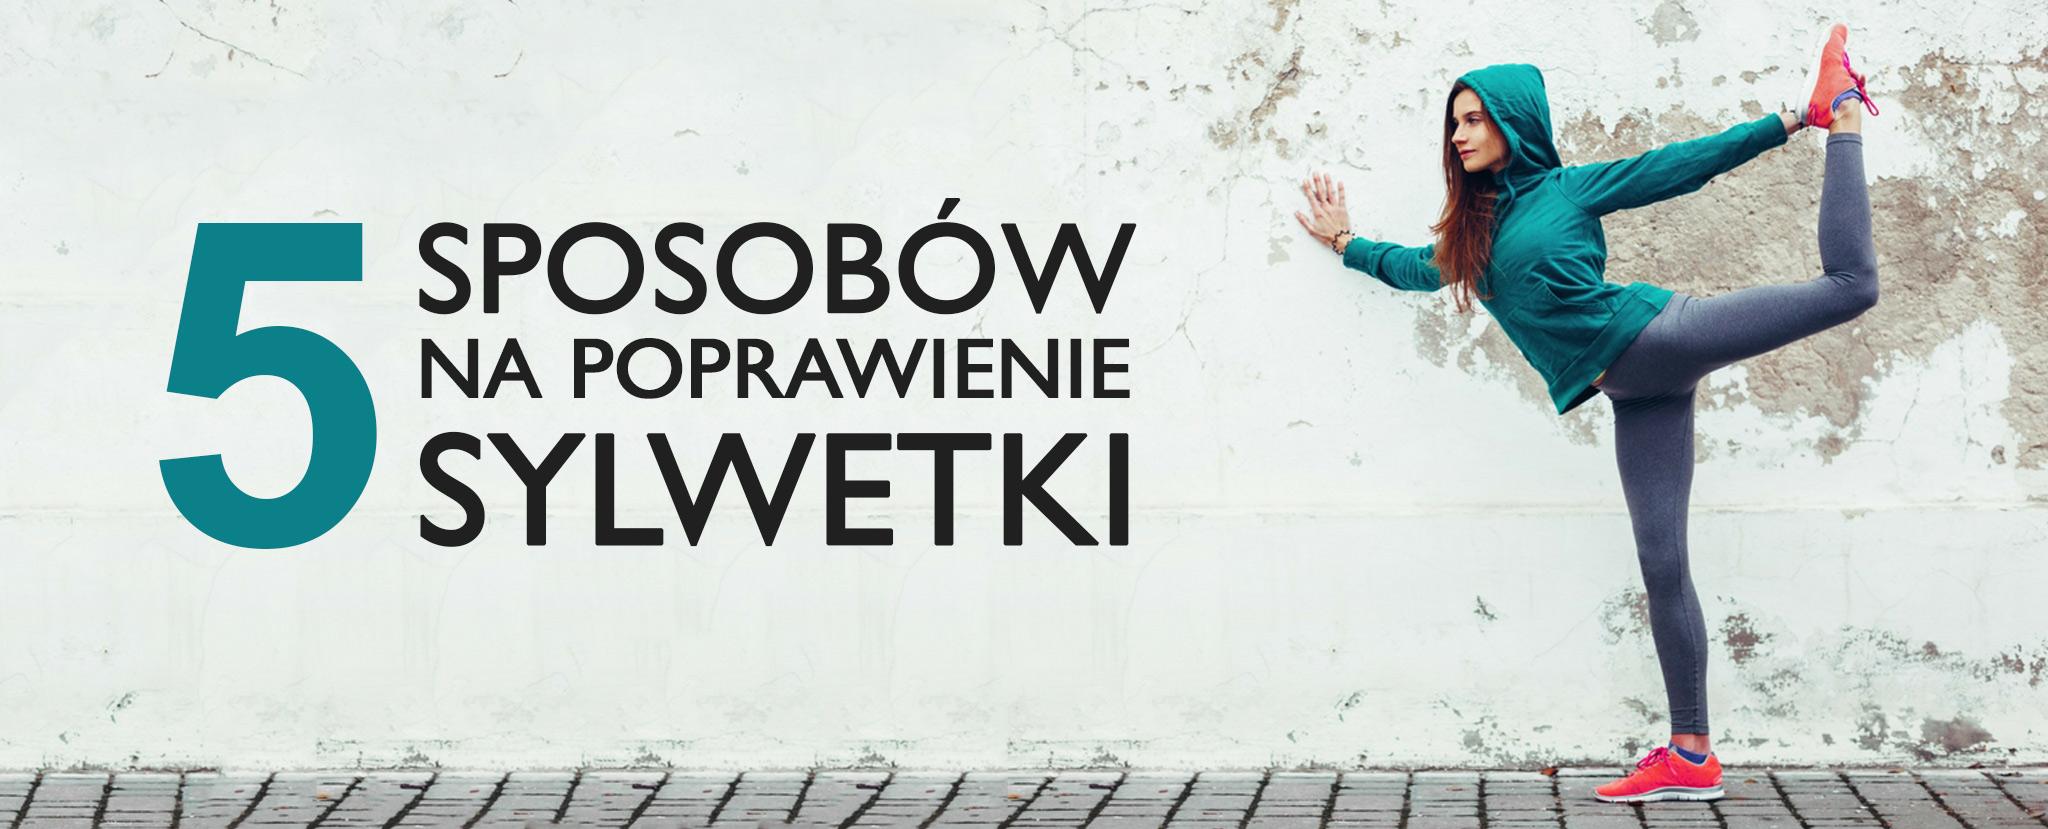 banner 5 sposobów na